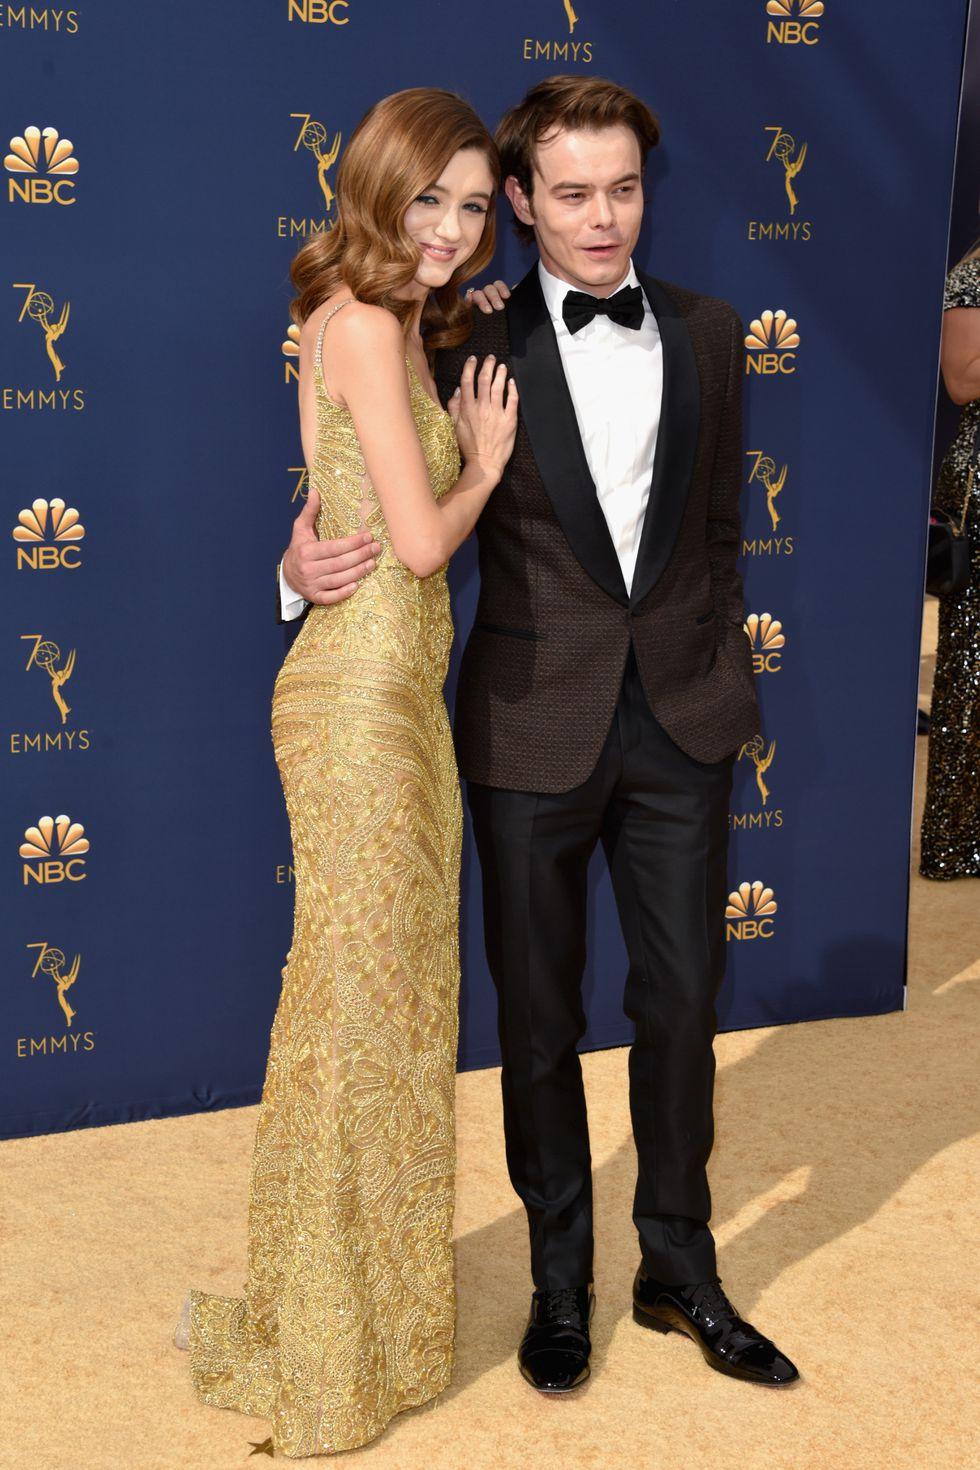 Natalia Dyer and Charlie Heaton